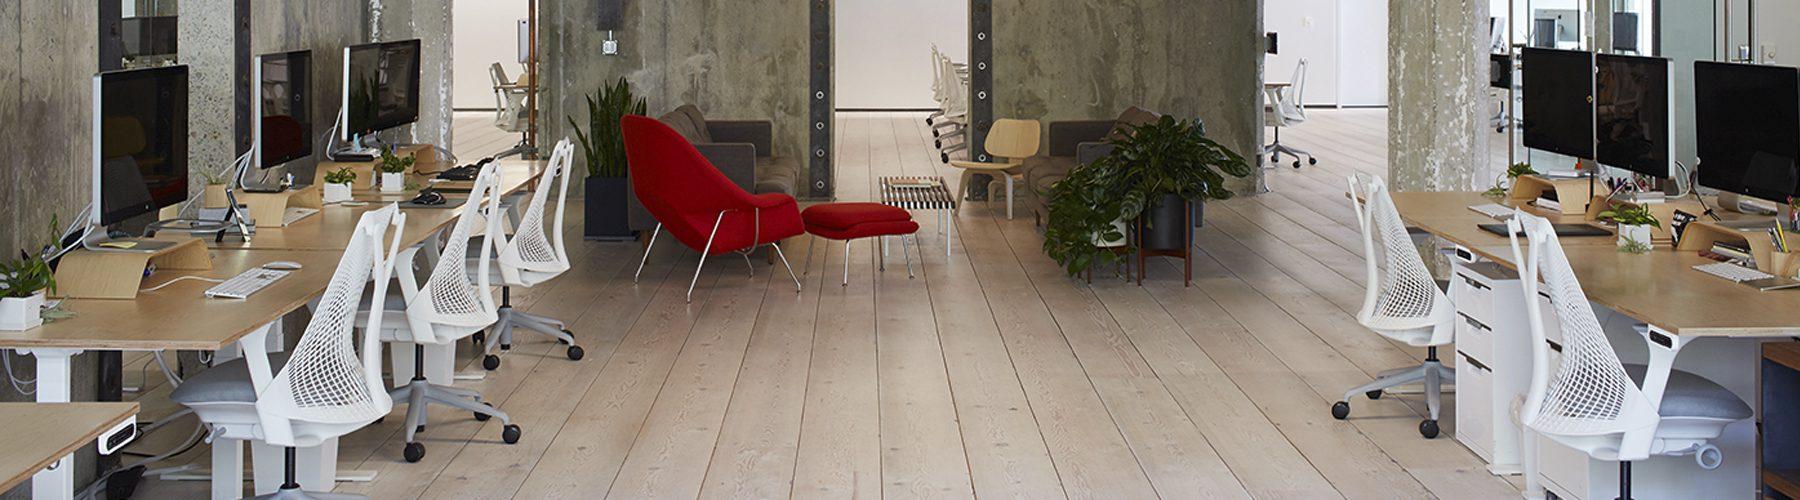 Decoración oficina VSCO planta | Muebles de oficina Spacio